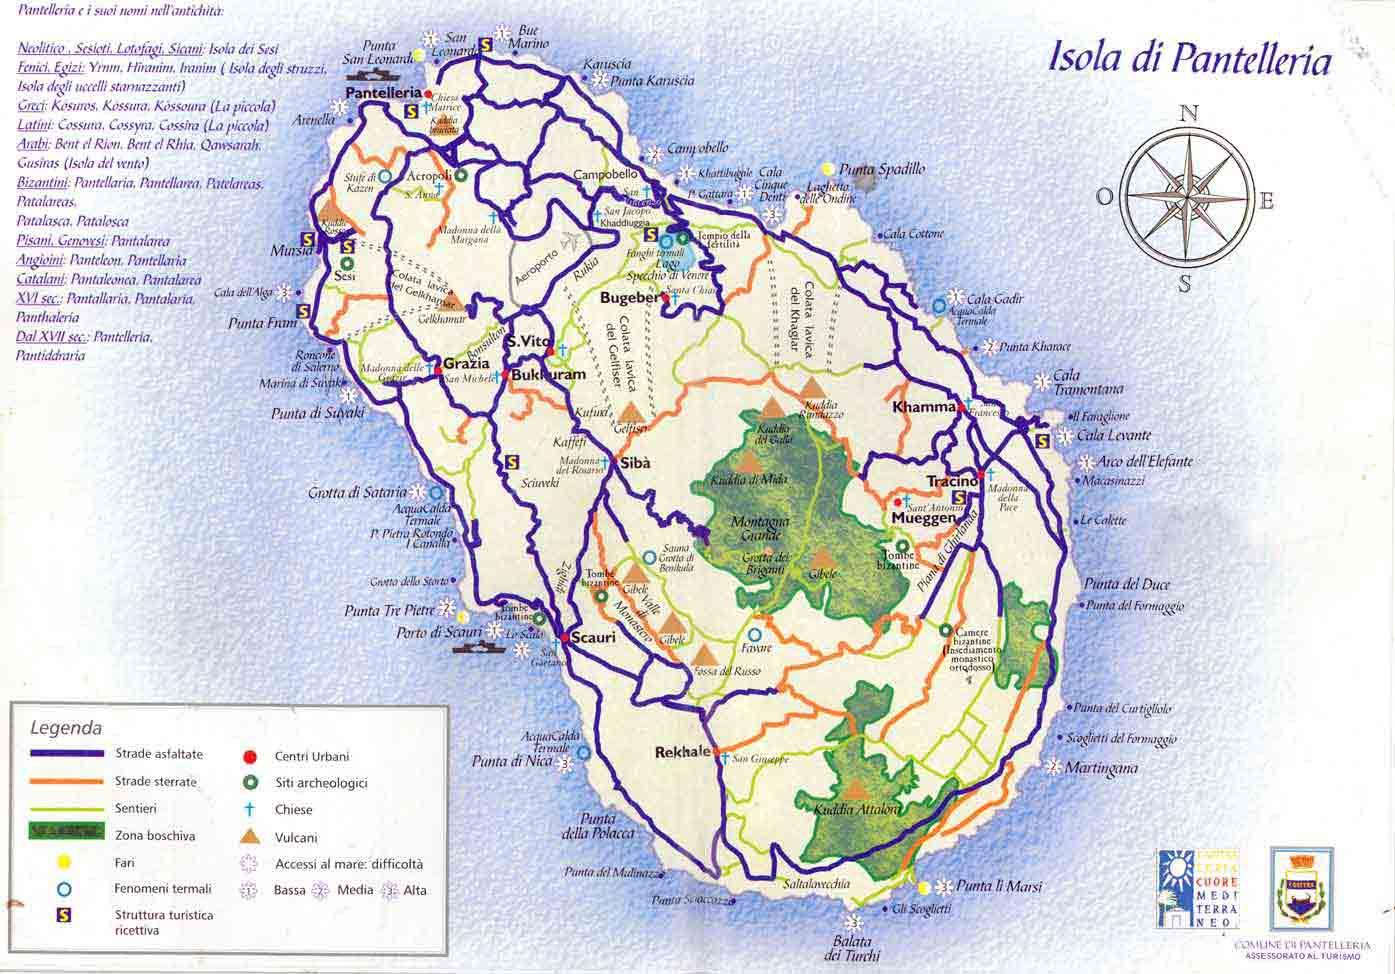 Carte de Pantelleria. Cliquez pour l'élargir.